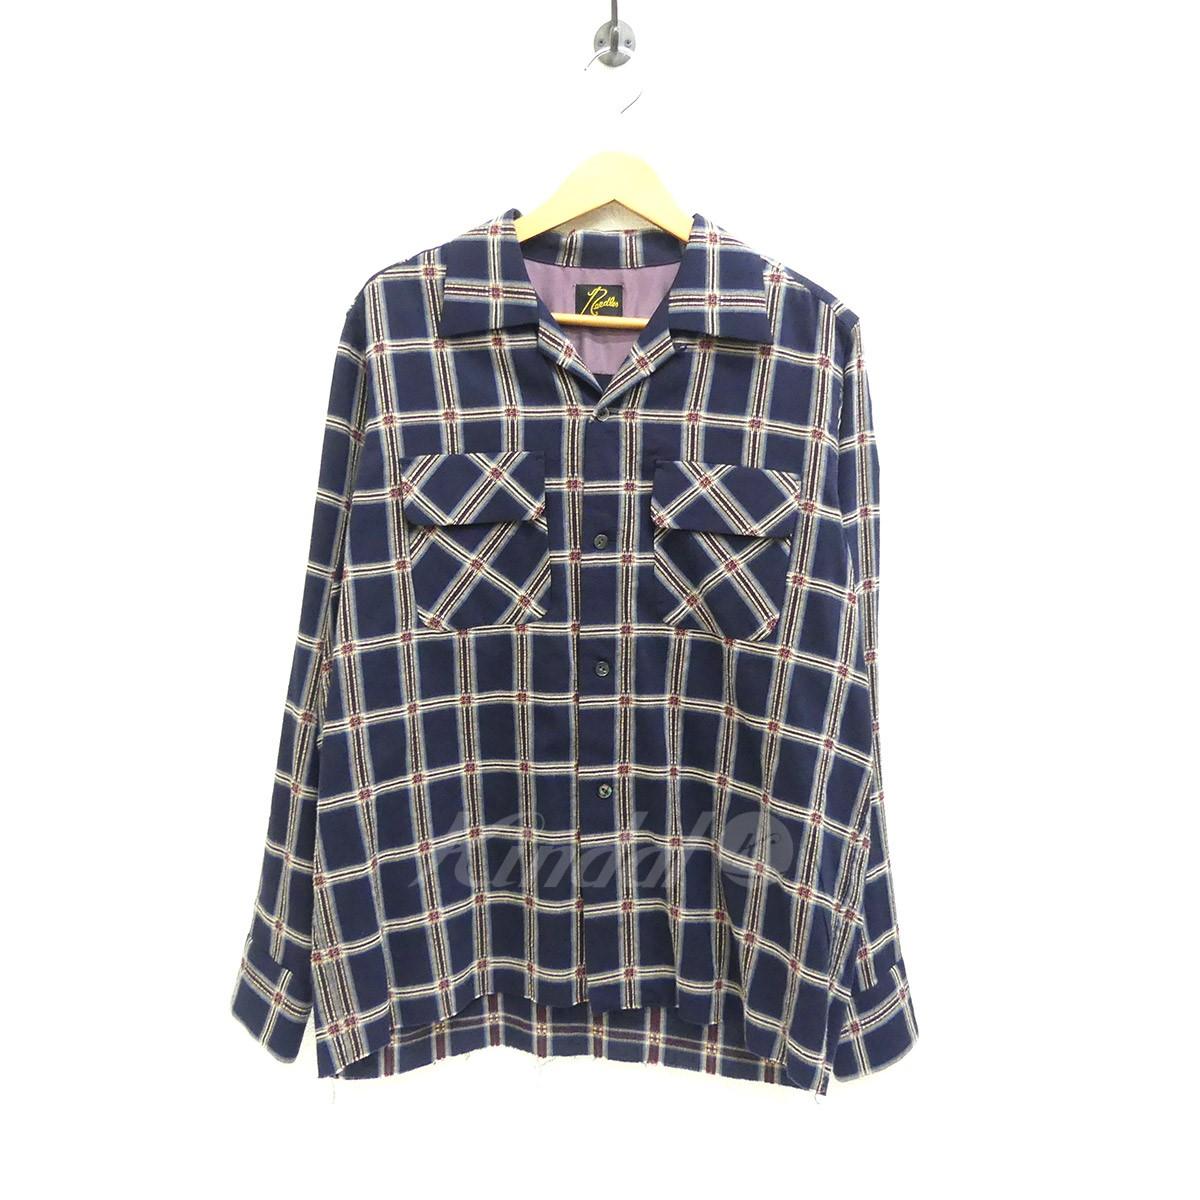 【中古】Needles オープンカラーシャツ DOBBY PLAID CLASSIC SHIRT 2017AW 【送料無料】 【142783】 【KIND1550】